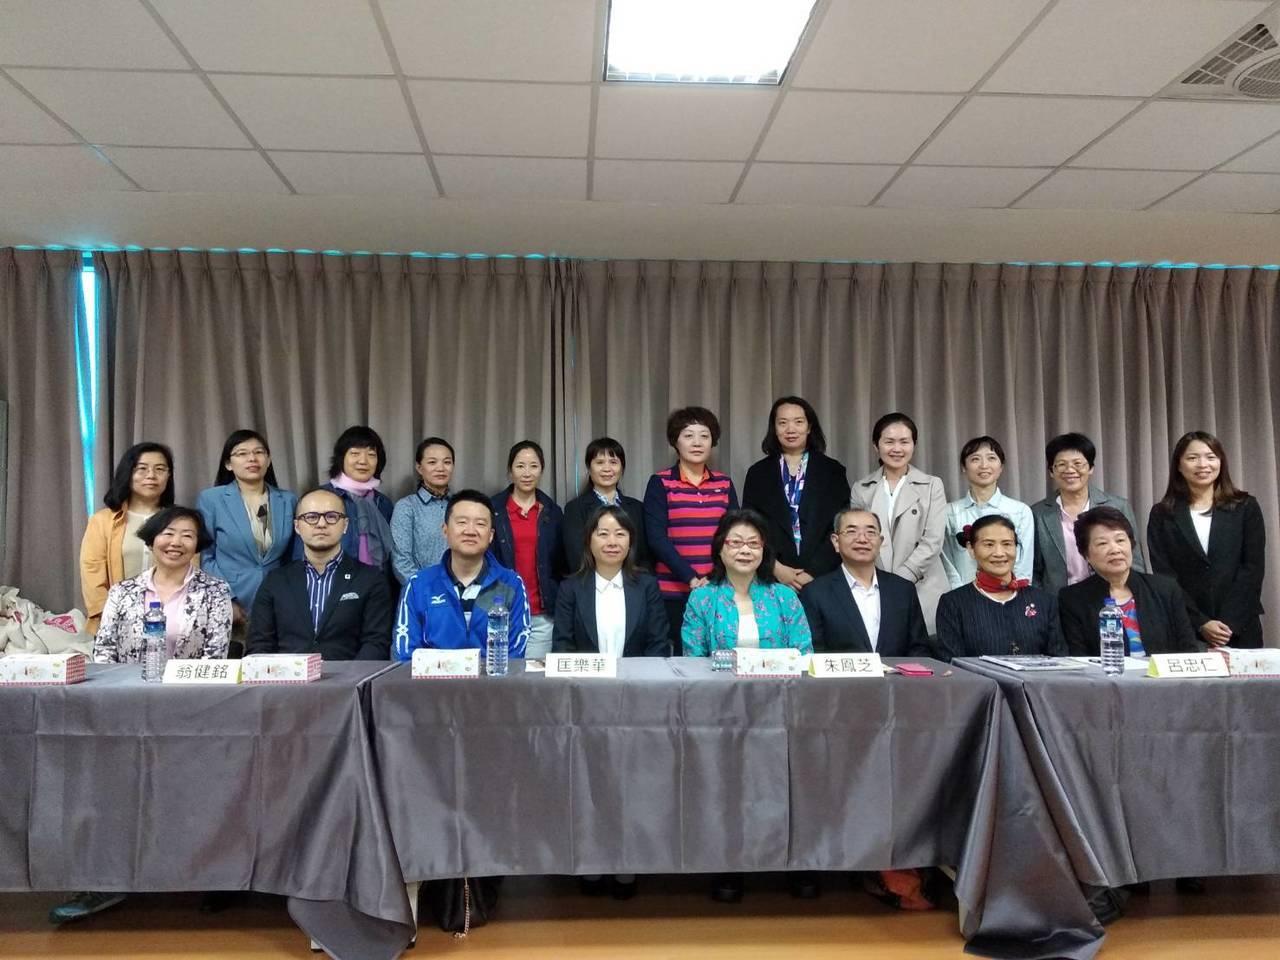 大陸奧會女性參與運動訪問團,來台進行女性運動發展交流。圖/中華奧會提供